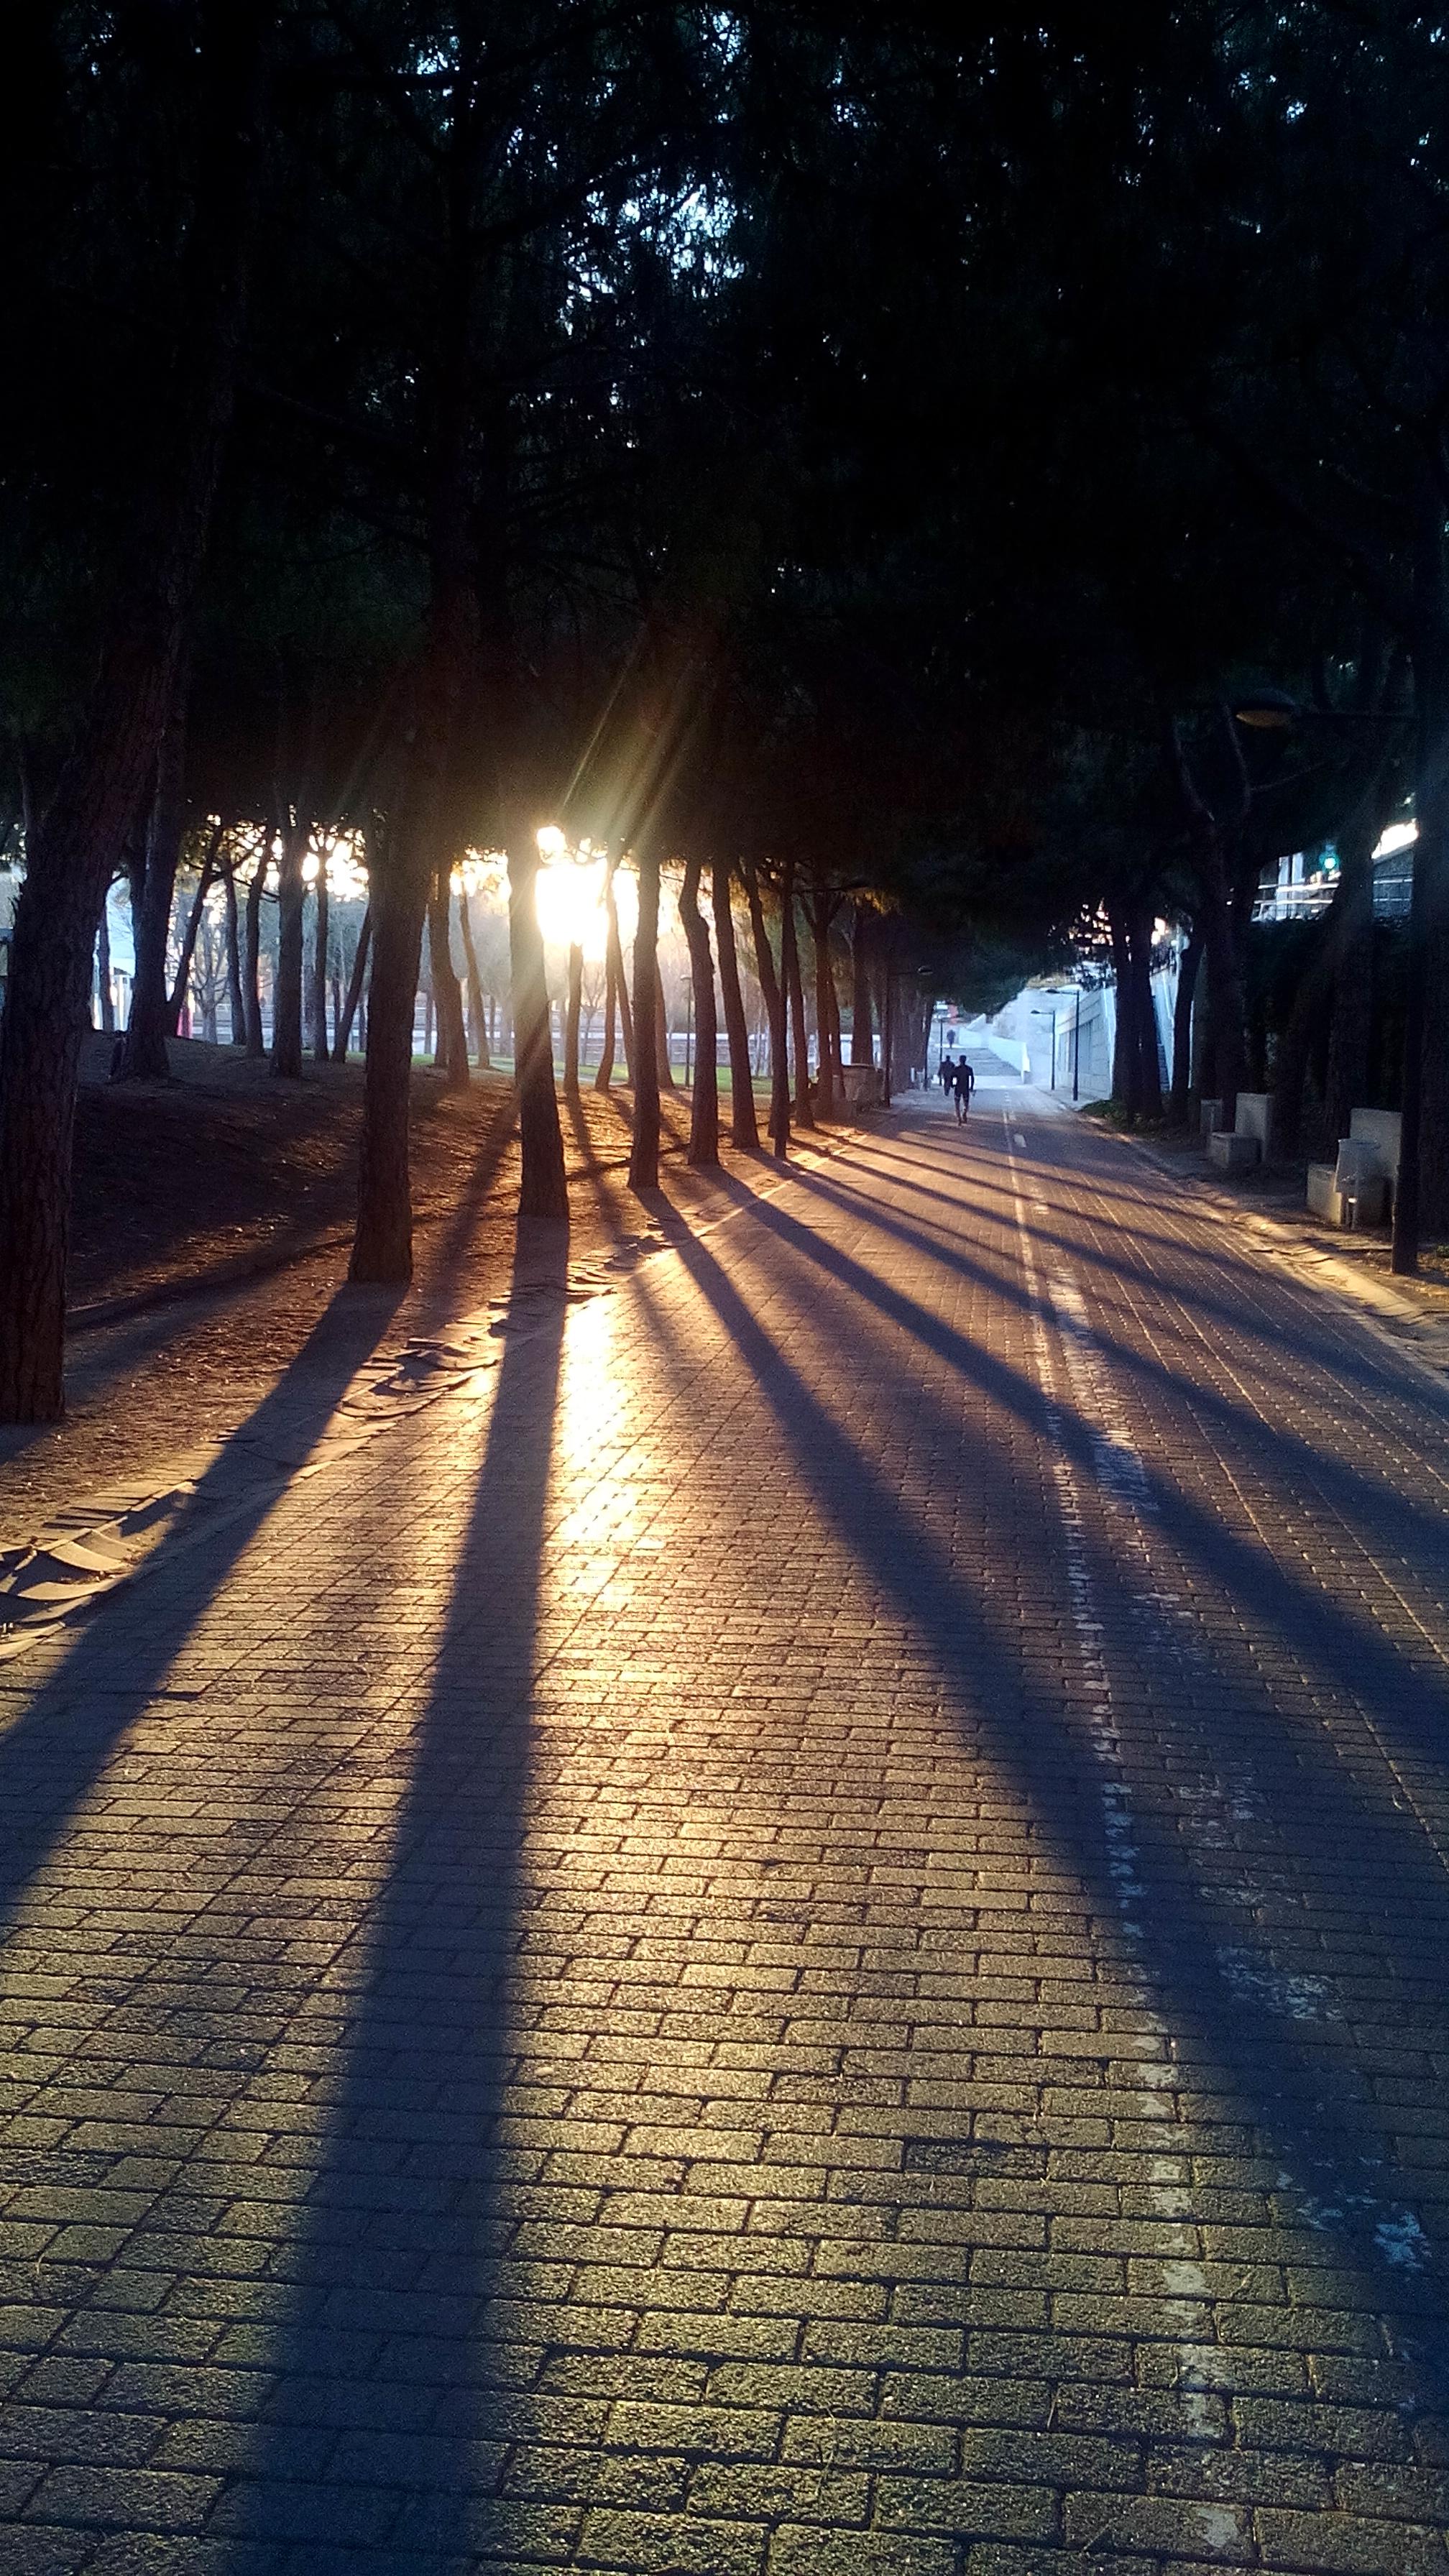 park a lemenő nap fényéban